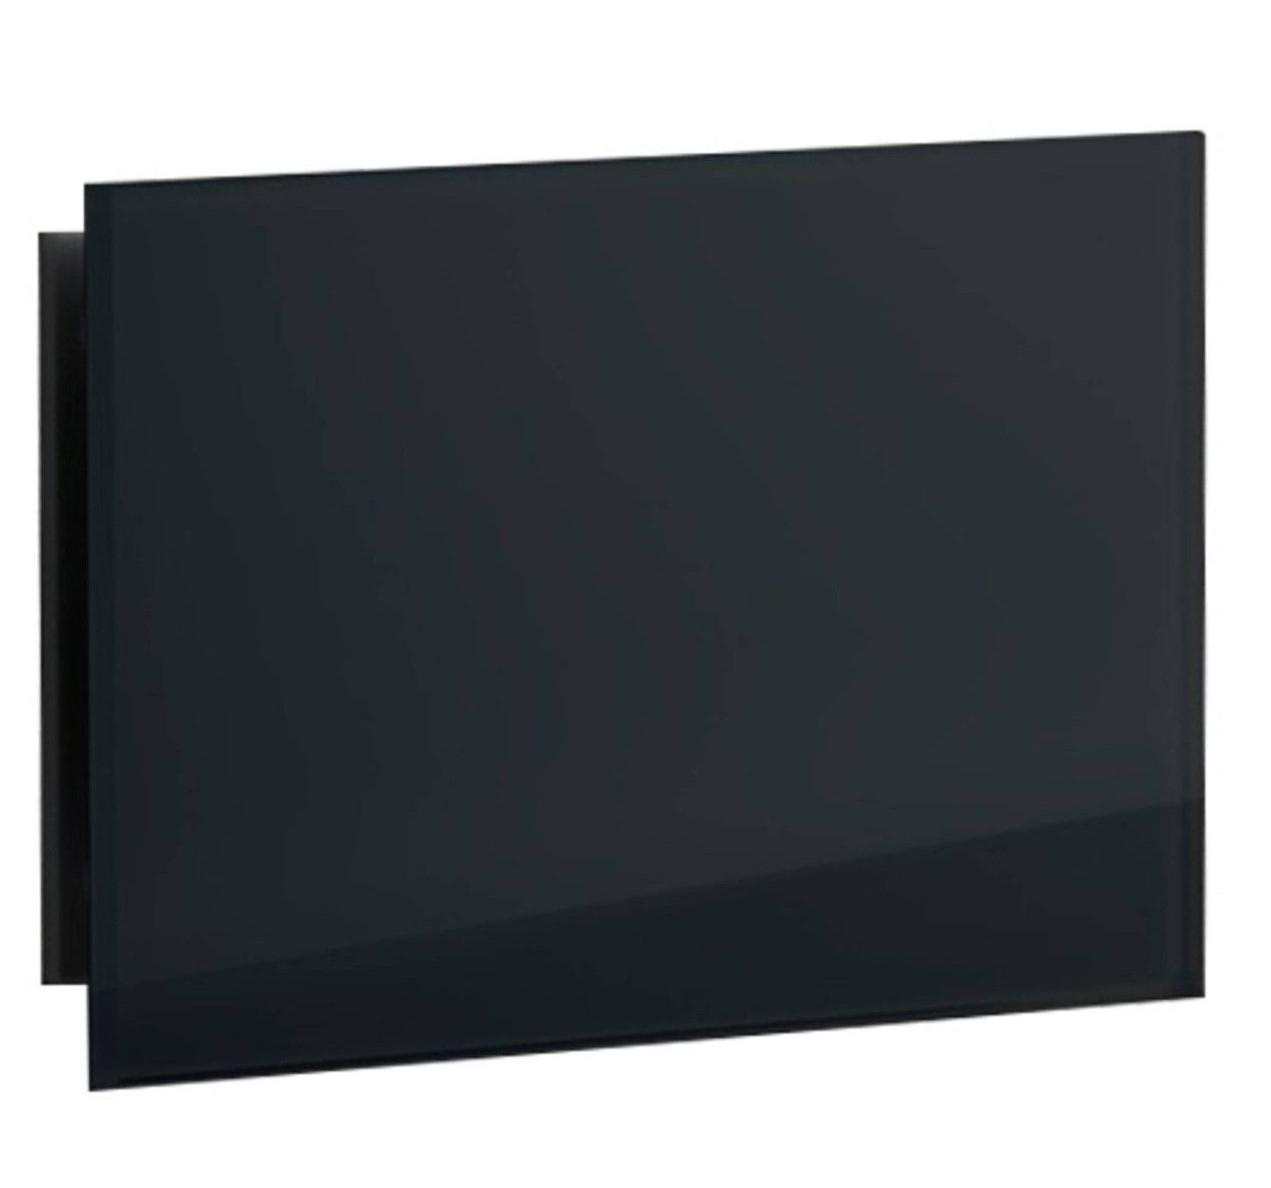 Sunshower set ventilatieroosters 11x5.4cm rechthoekig zwart